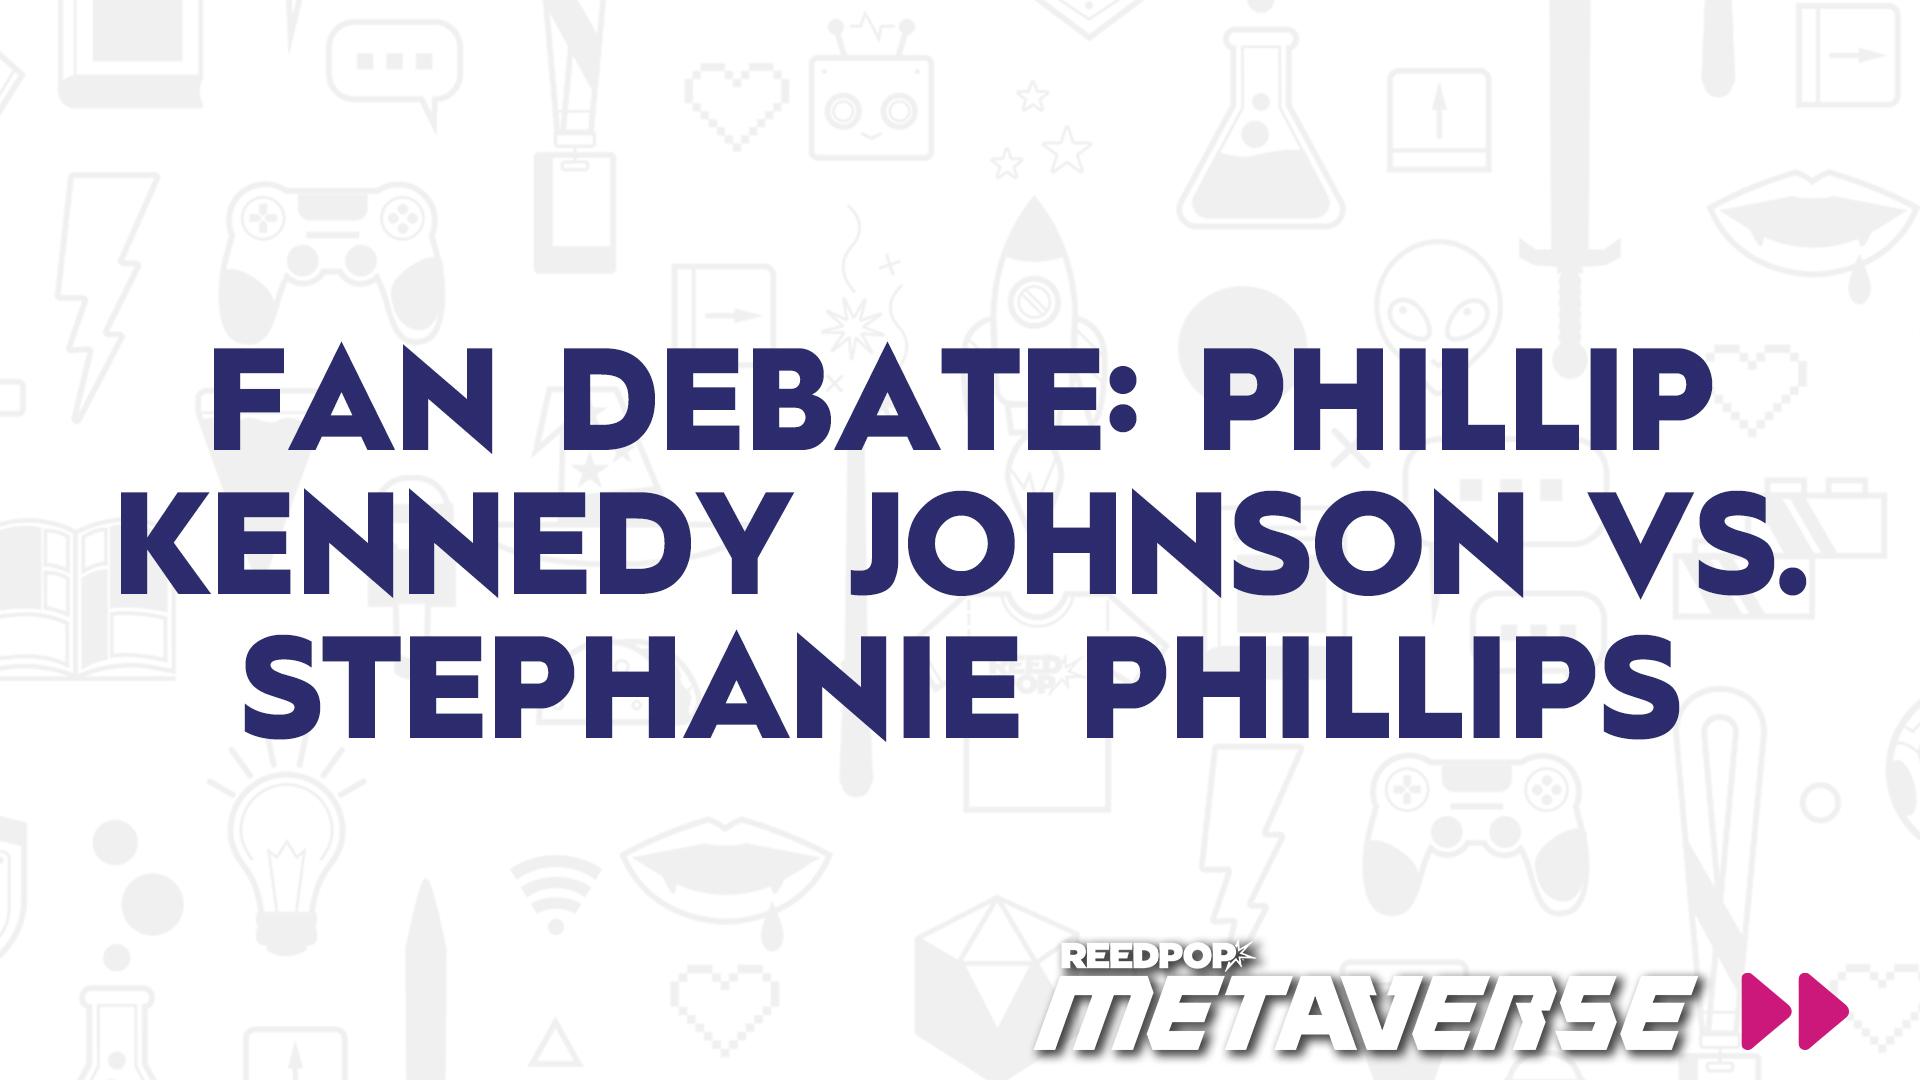 Image for Fan Debate: Phillip Kennedy Johnson vs. Stephanie Phillips